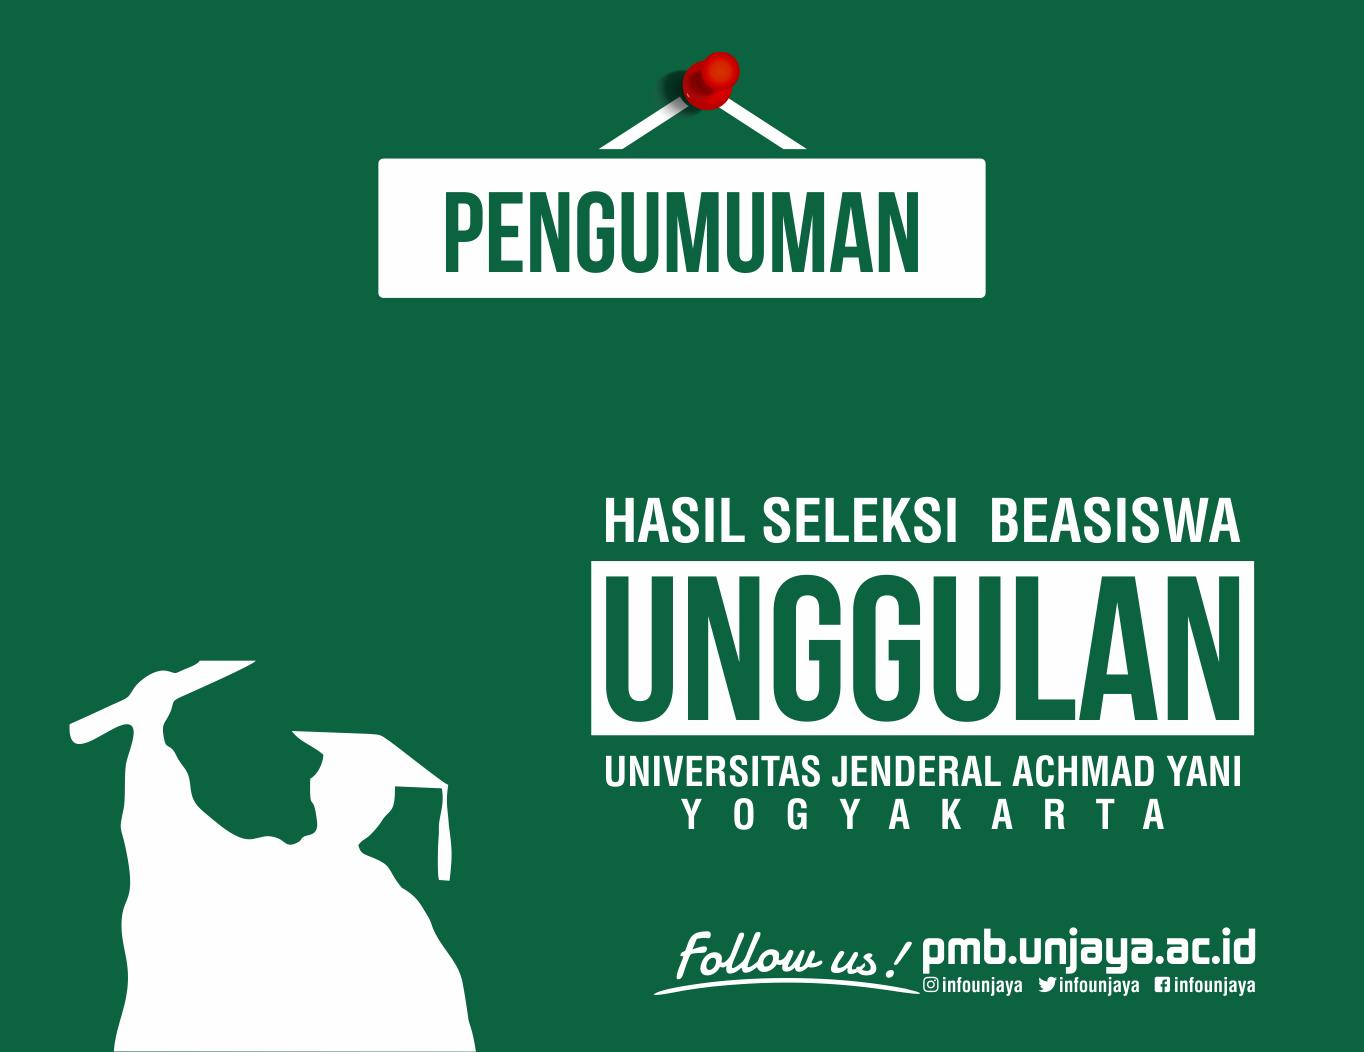 Pengumuman Hasil Seleksi Beasiswa Unggulan Unjani Yogyakarta